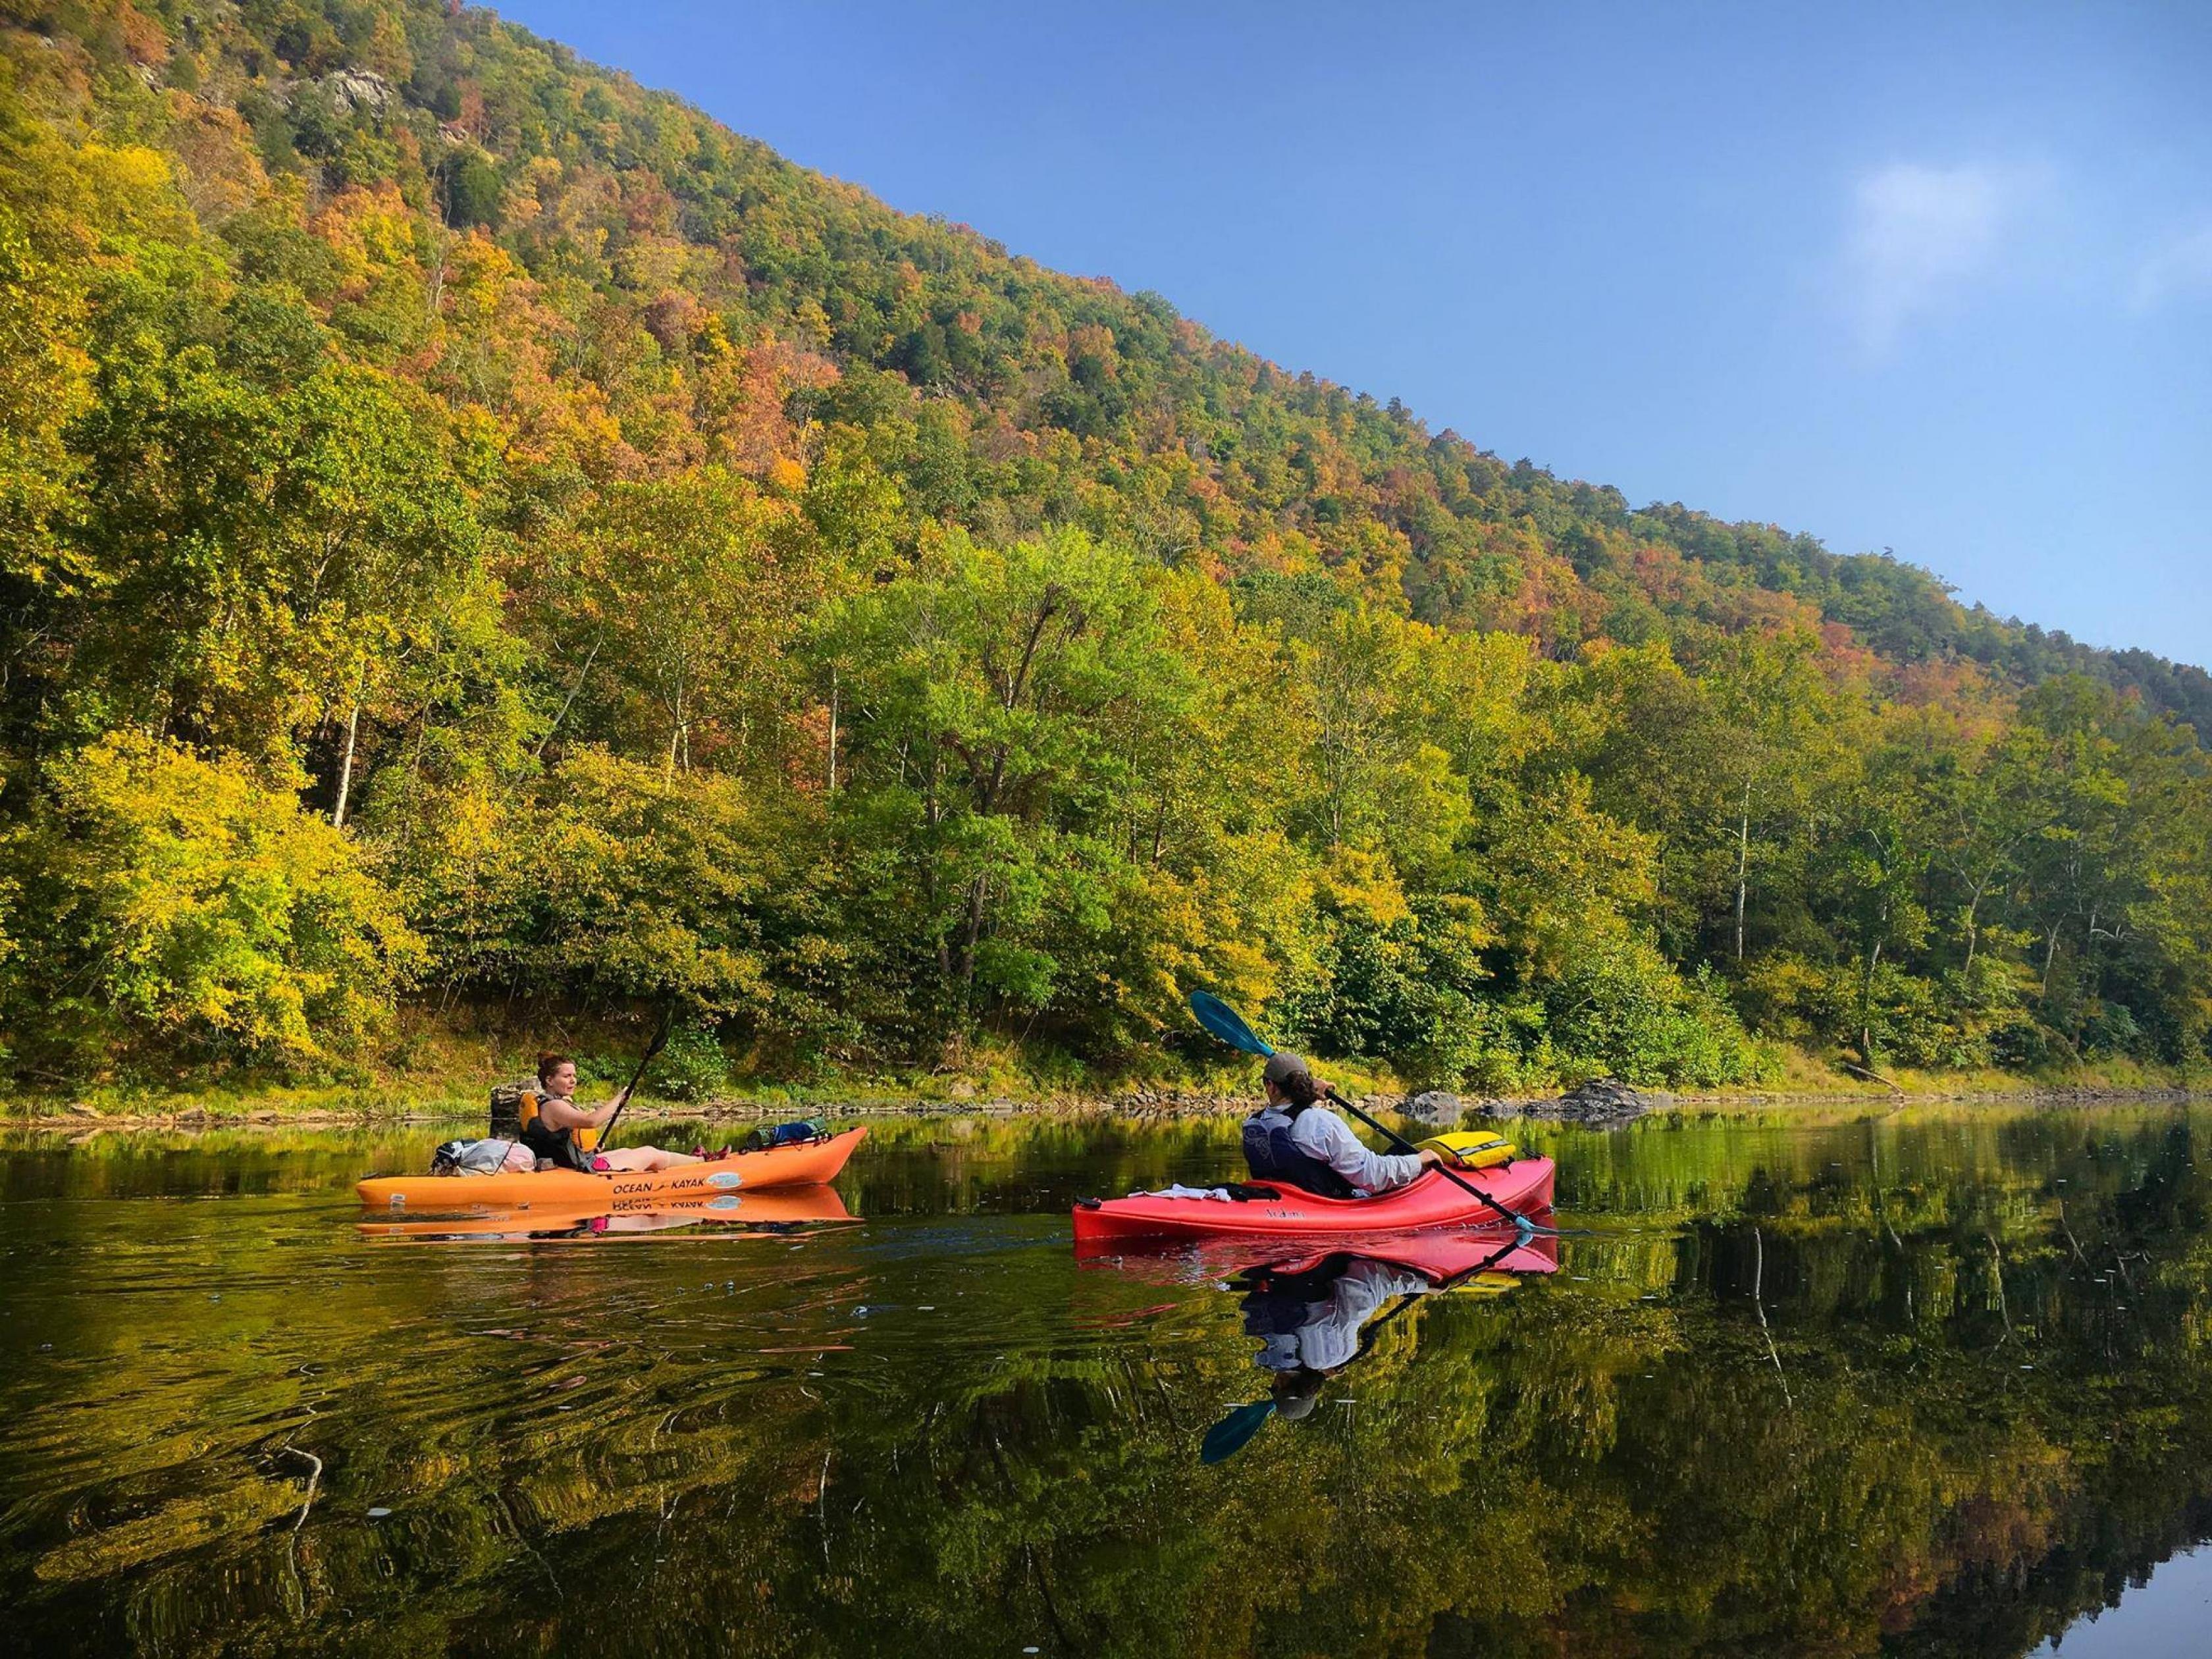 Dos kayakistas remando por el río Potomac bordeado de árboles de otoño a lo largo del sendero escénico nacional Potomac Heritage